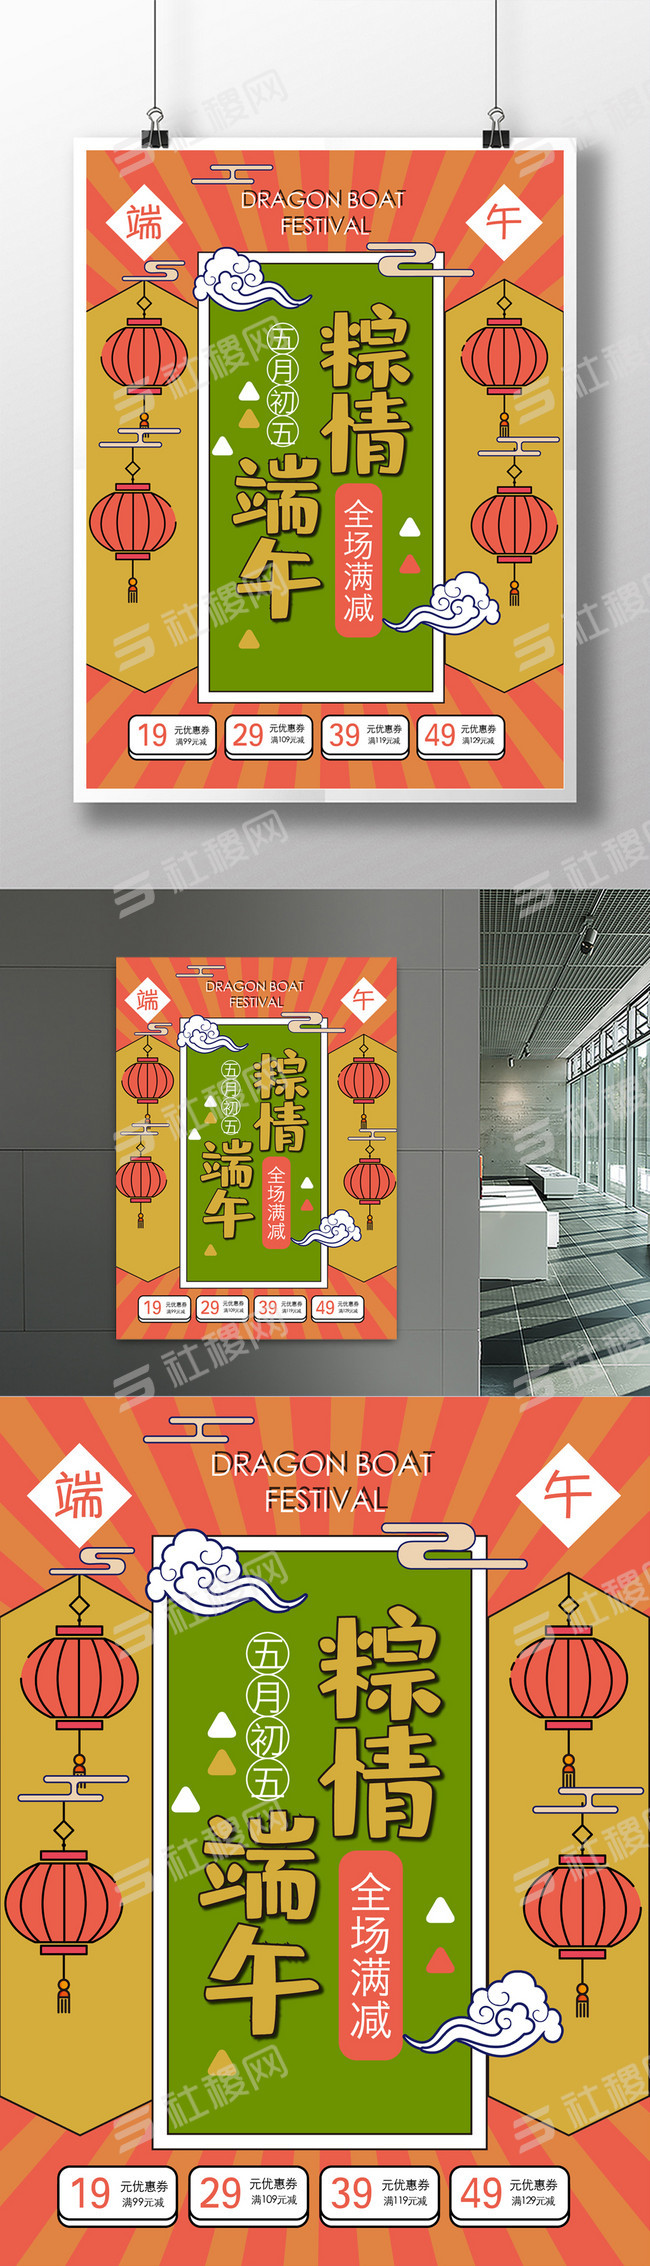 端午节商场促销满减卡通矢量海报